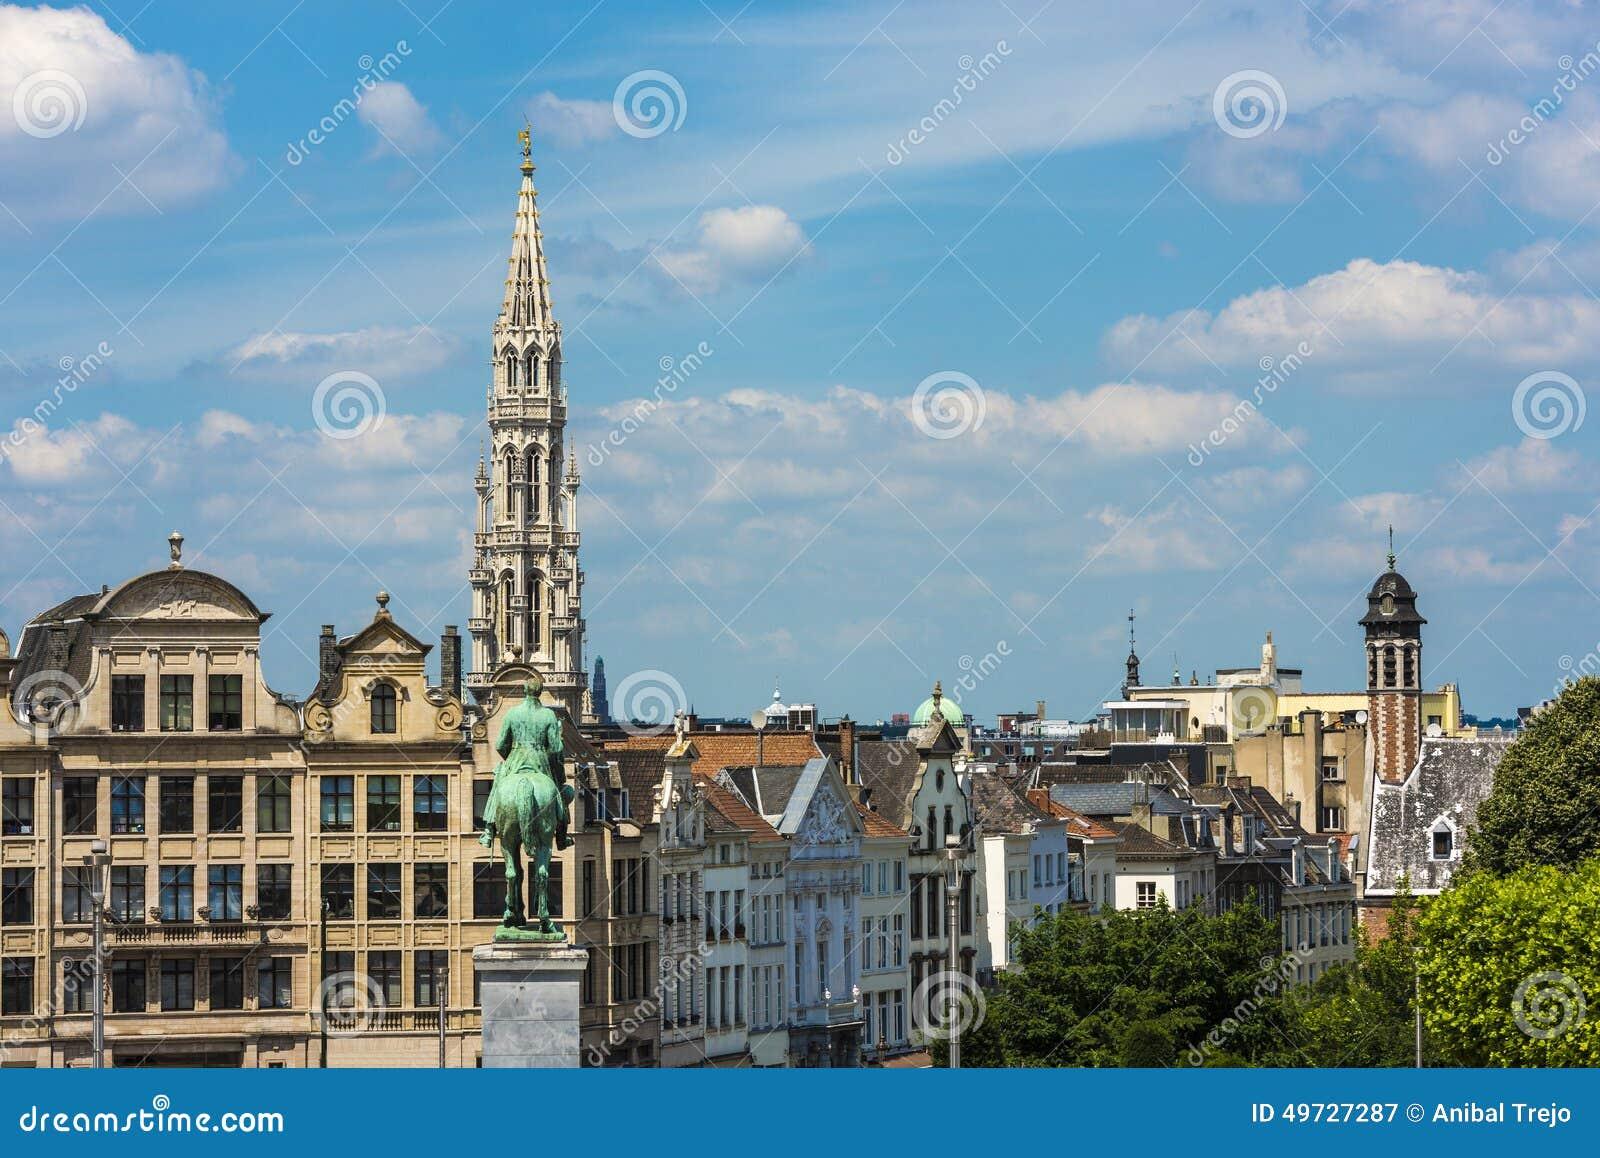 Supporto delle arti a Bruxelles, Belgio